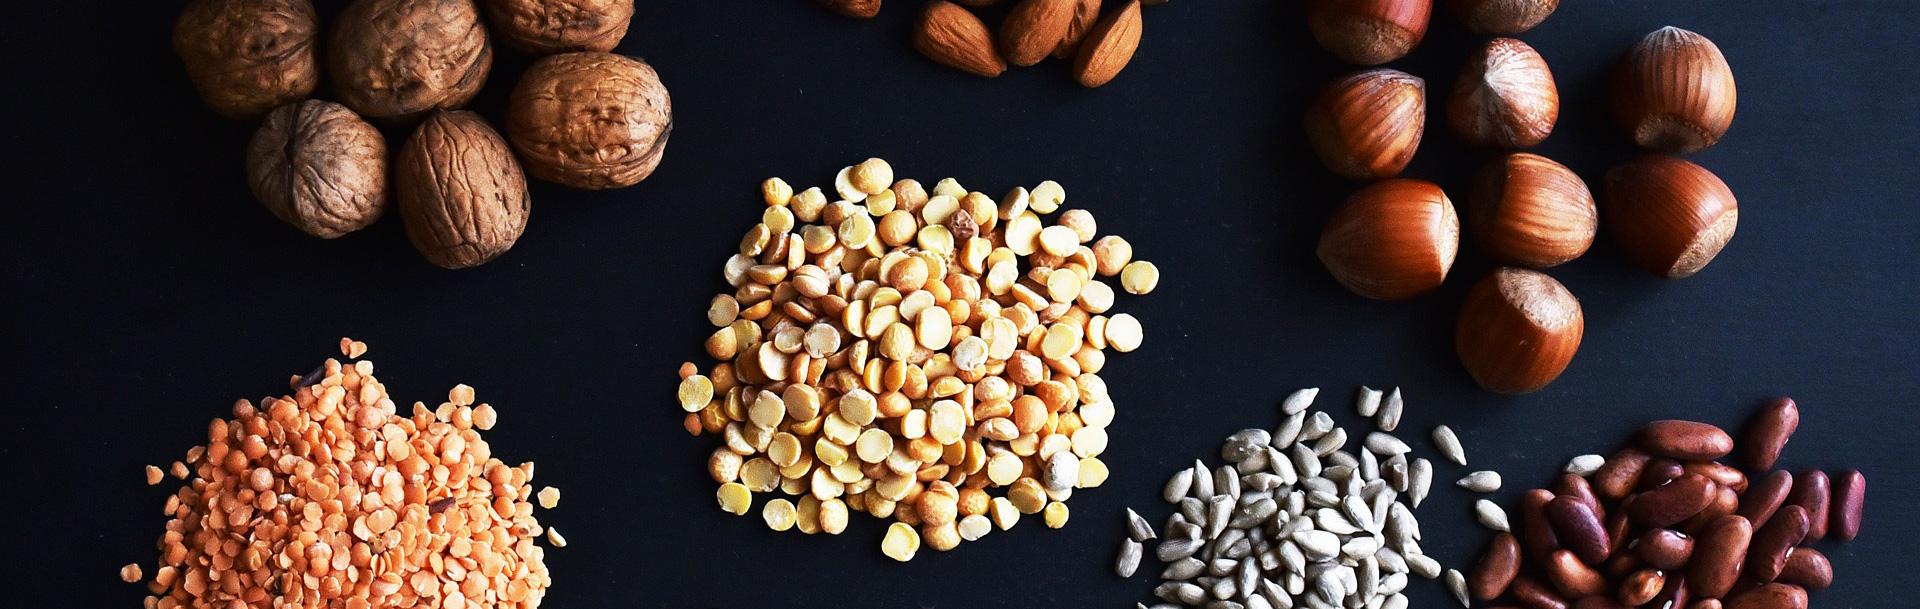 Fytin i bælgfrugter, kornprodukter og nødder